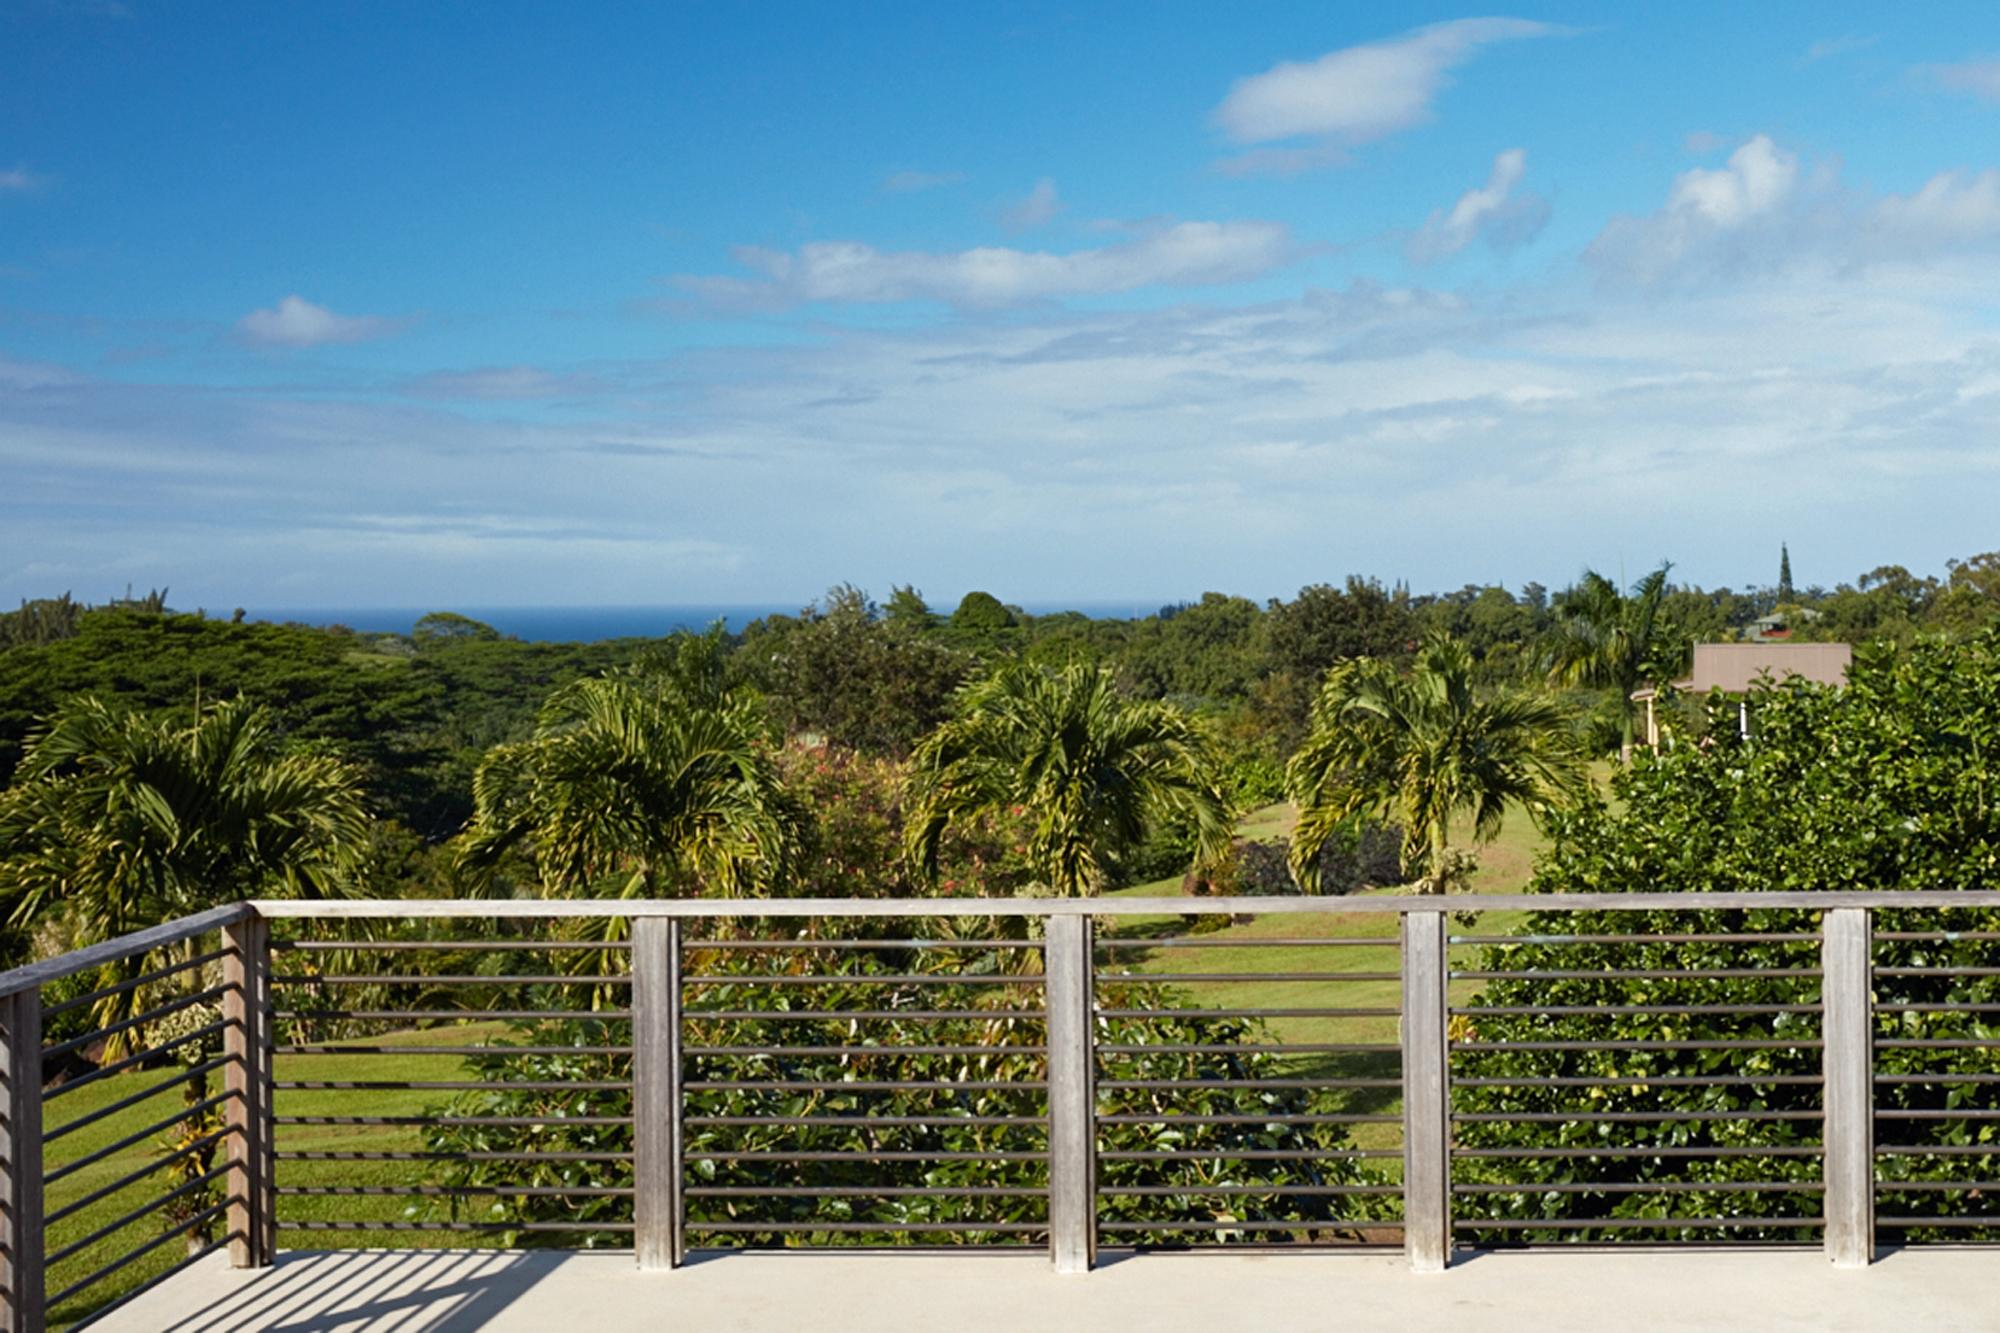 View from Deck - Ocean.jpg